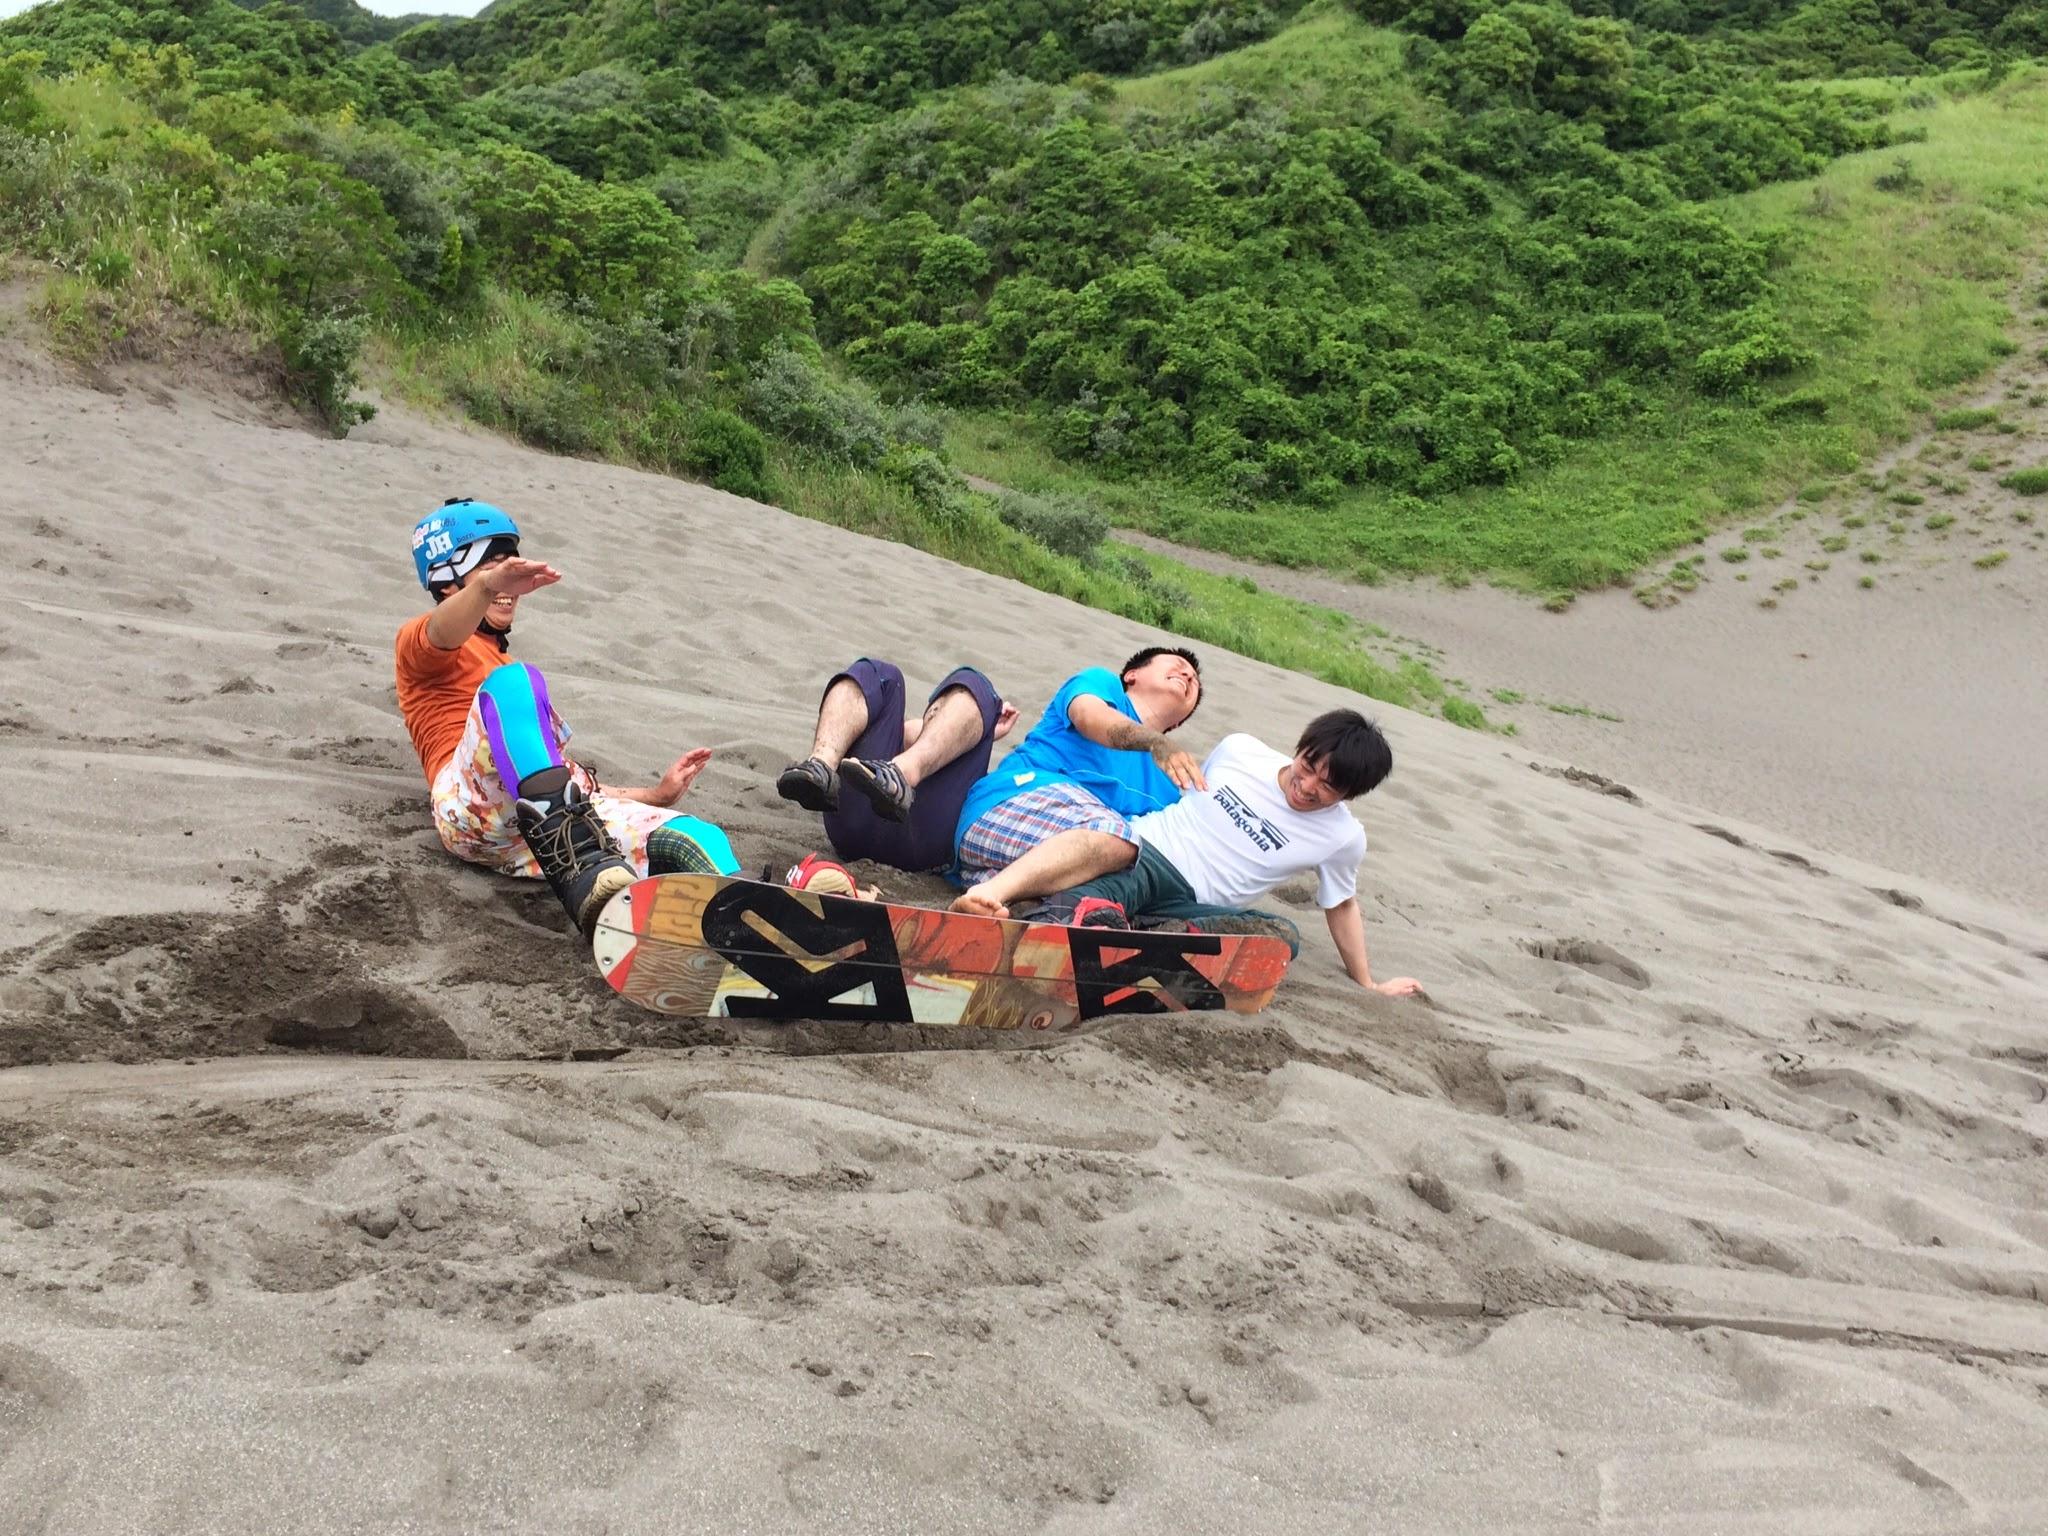 砂山スノーボードで滑れない